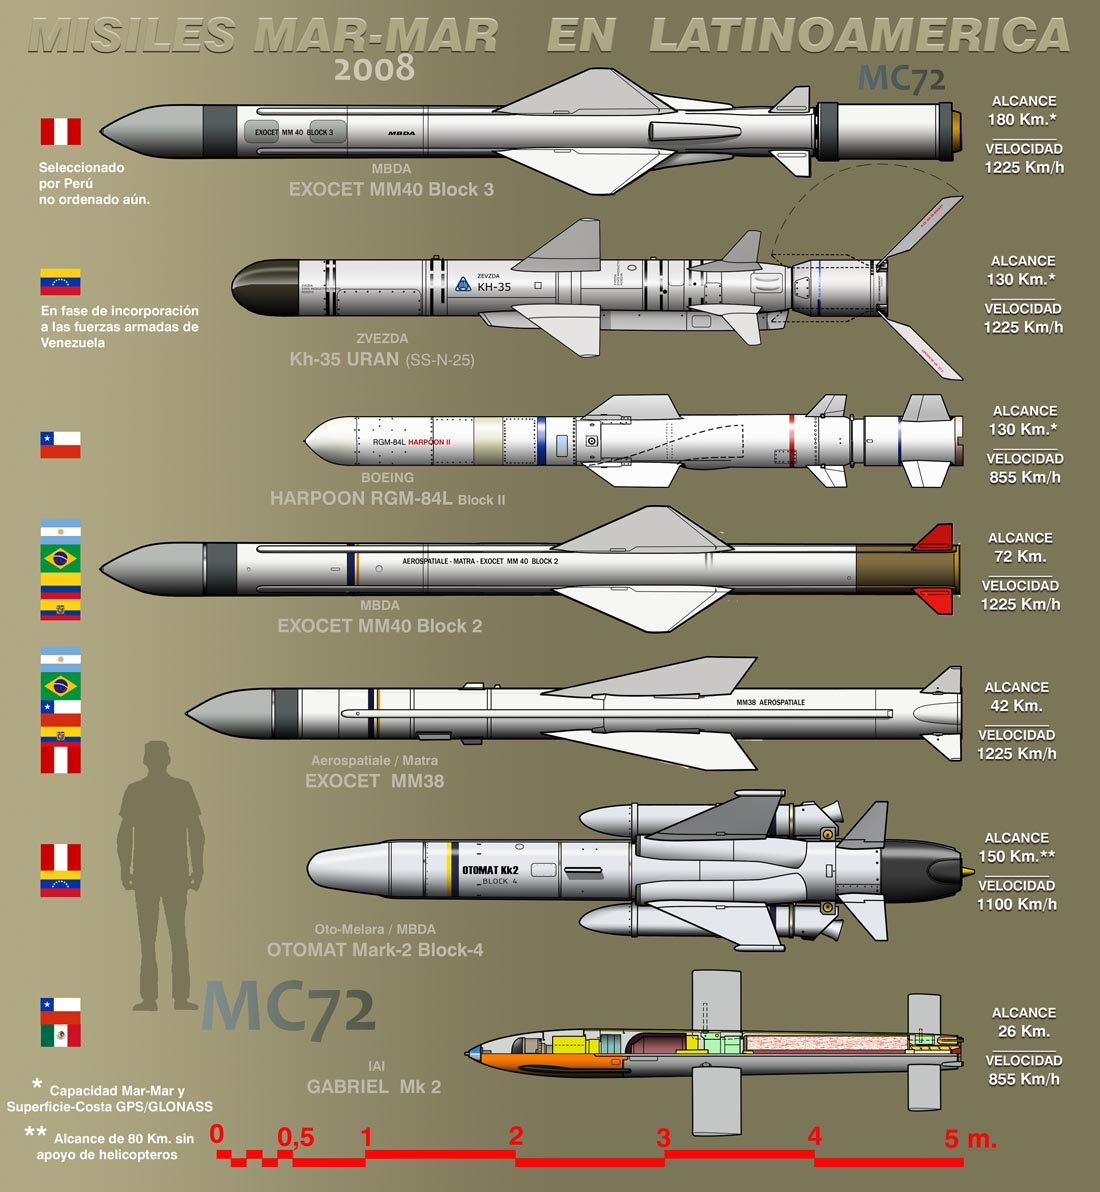 Крылатые ракеты разных стран